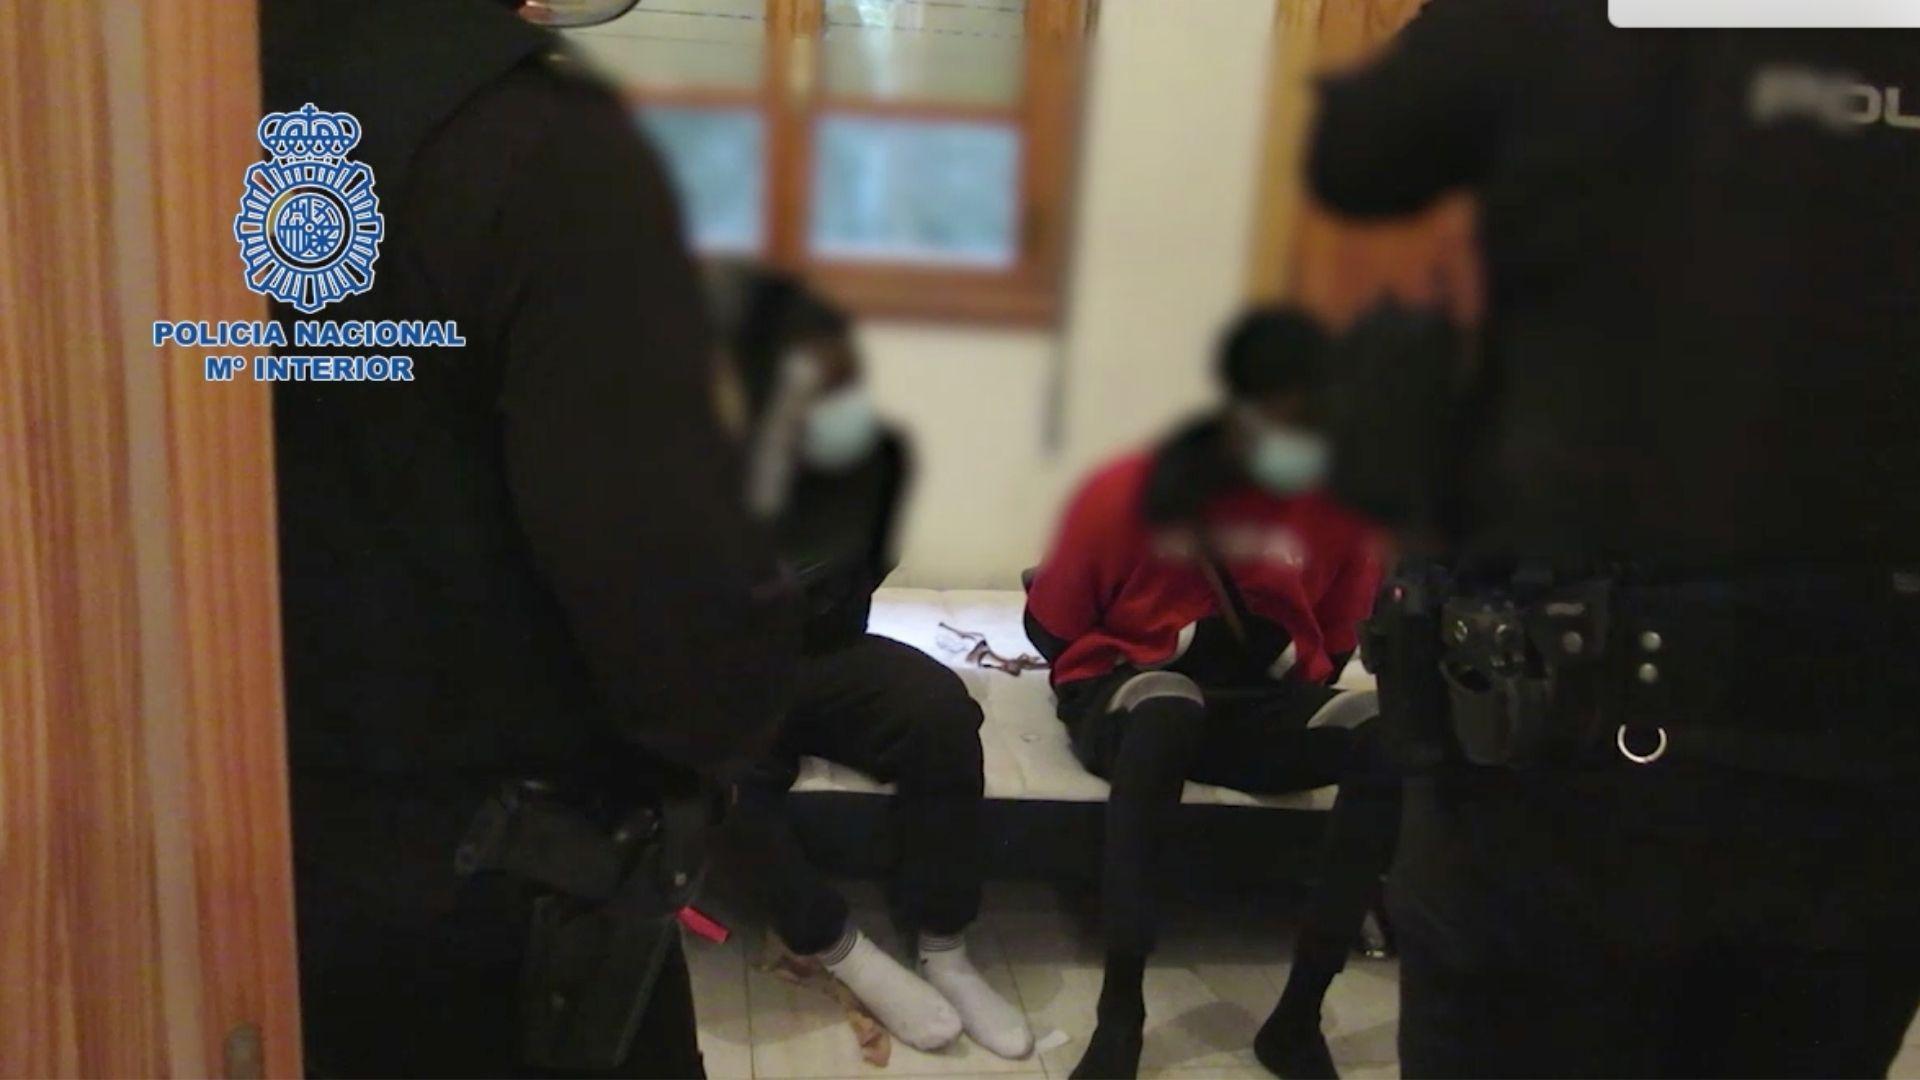 Así fue la detención de tres narcos en Olloniego.Sito Miñanco llegando a la Audiencia Provincial de Pontevedra